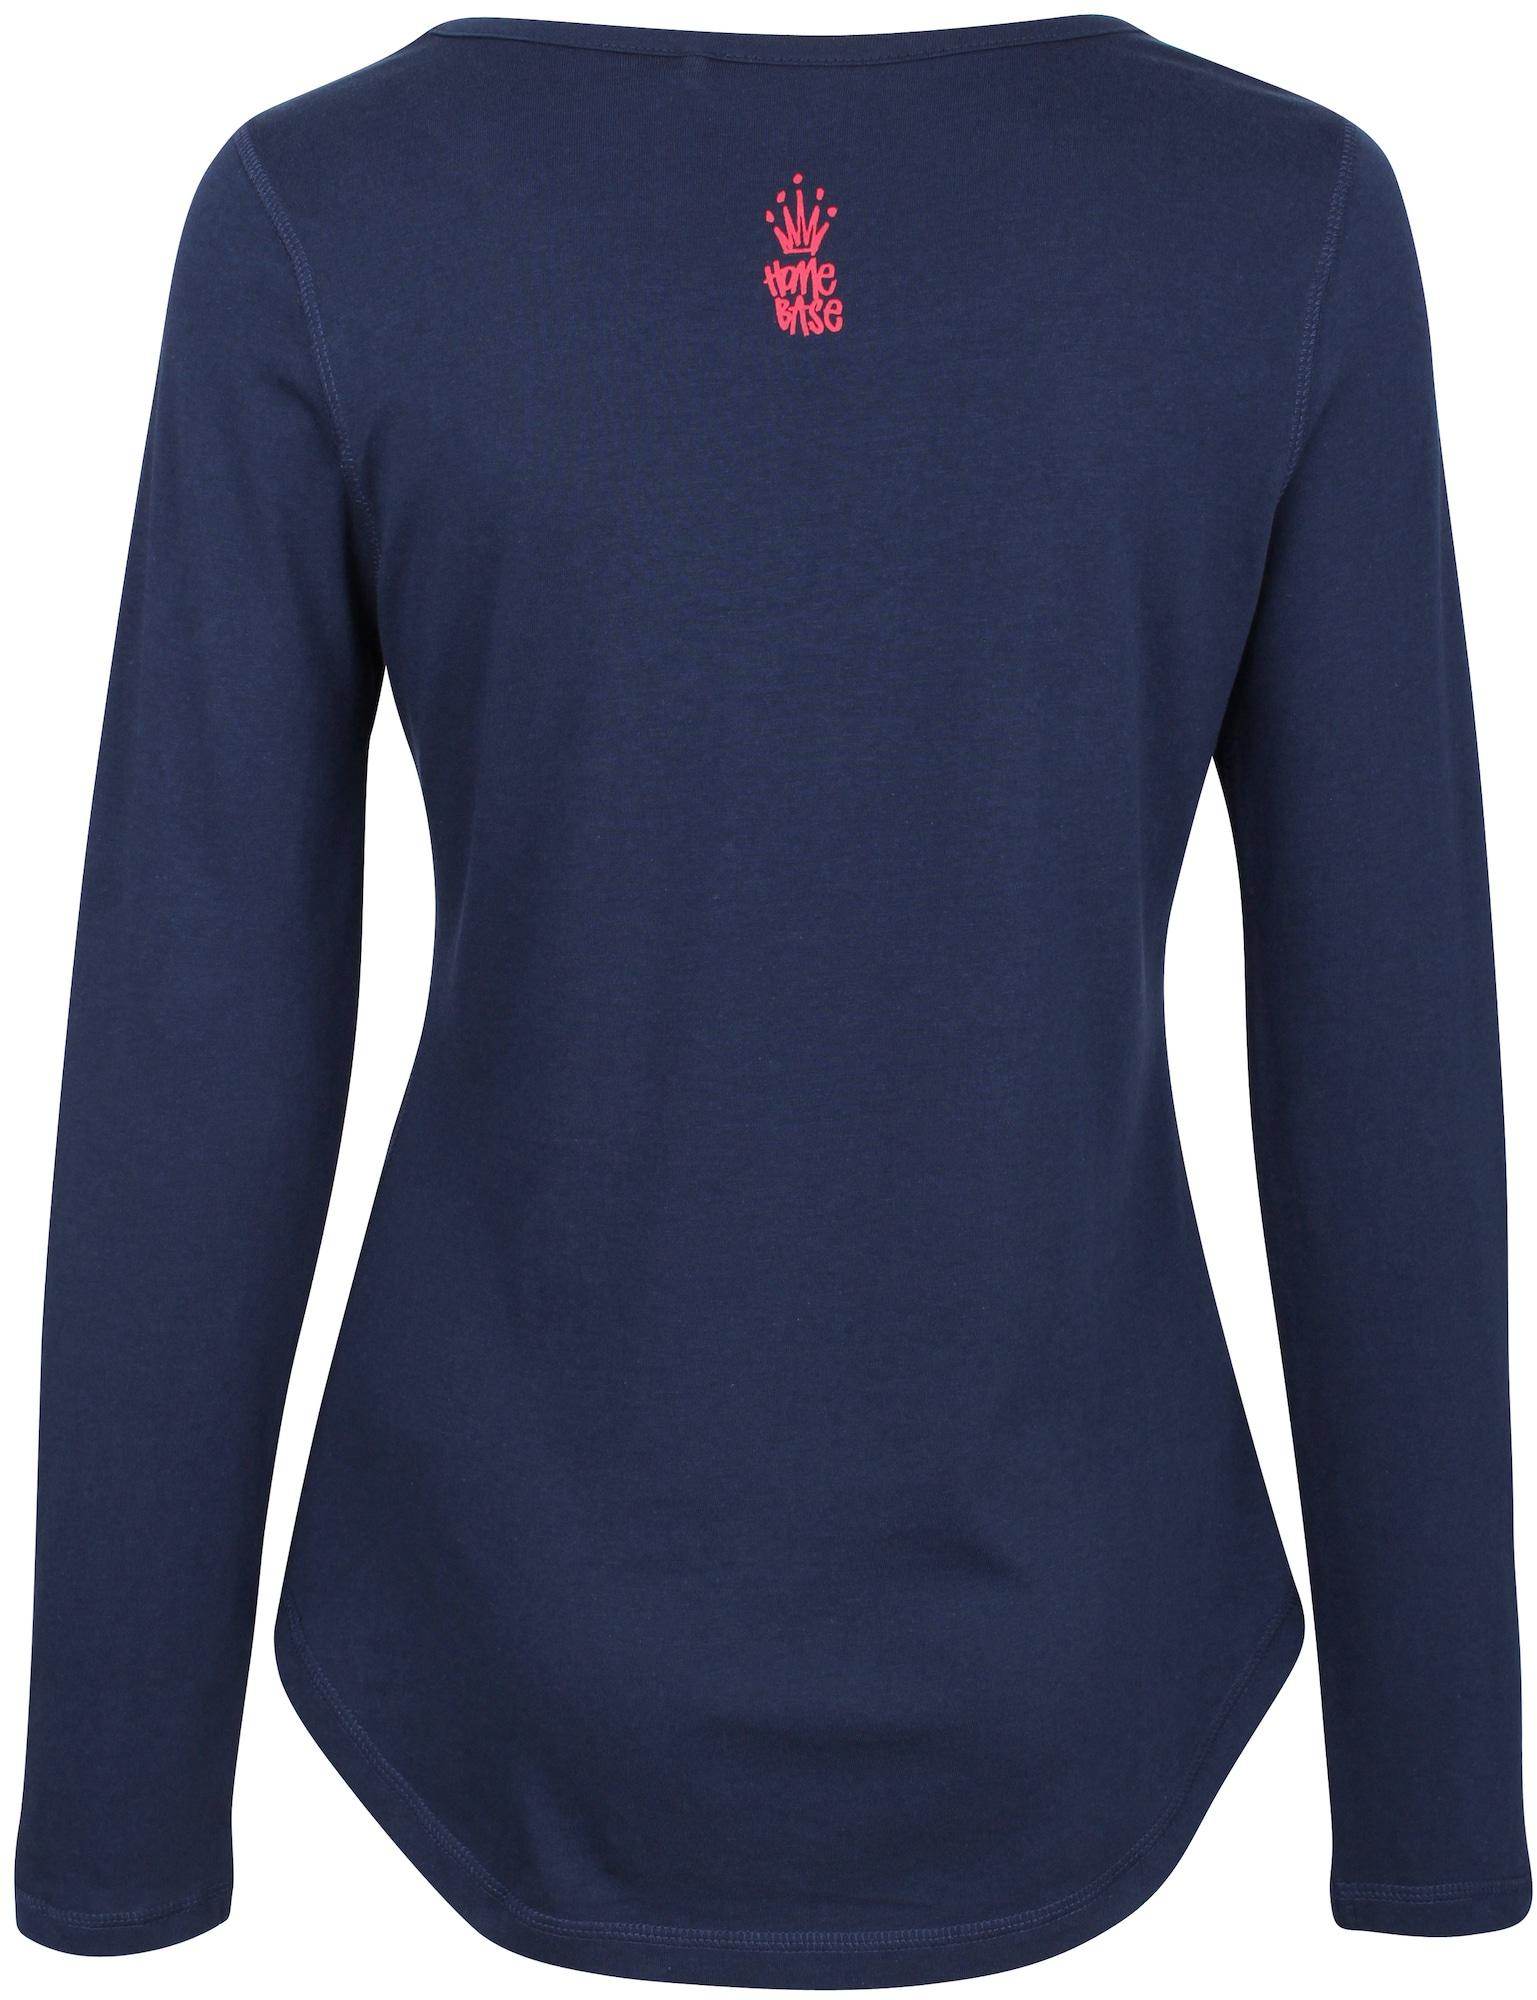 HOMEBASE, Damen Shirt Brandalised by Homebase, blauw / marine / donkerblauw